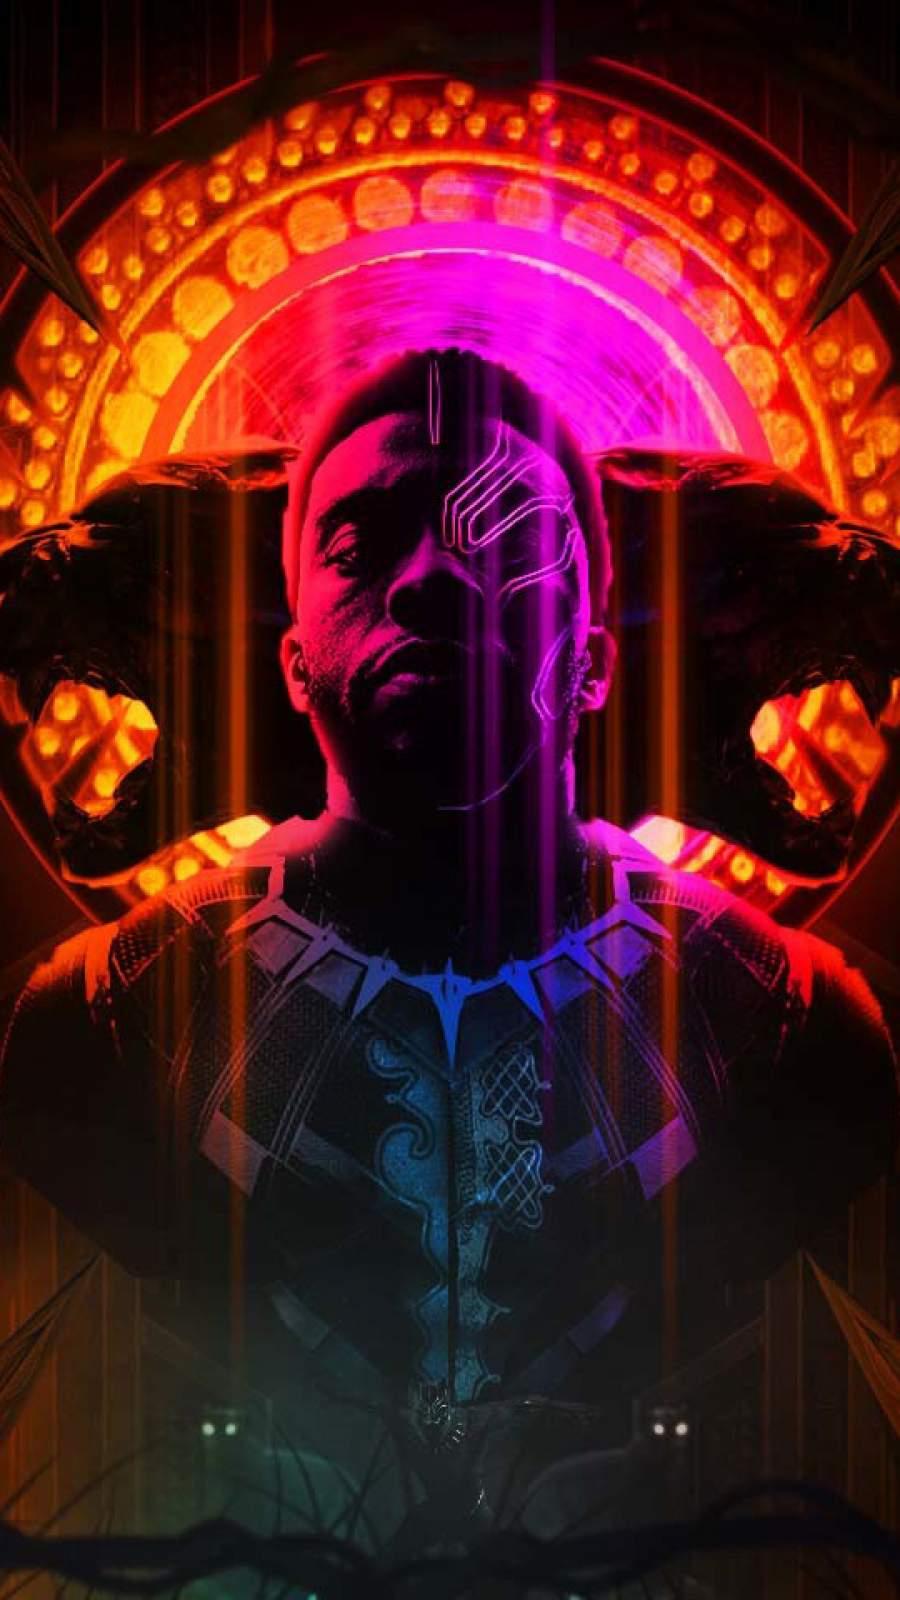 Black Panther King Remix iPhone Wallpaper